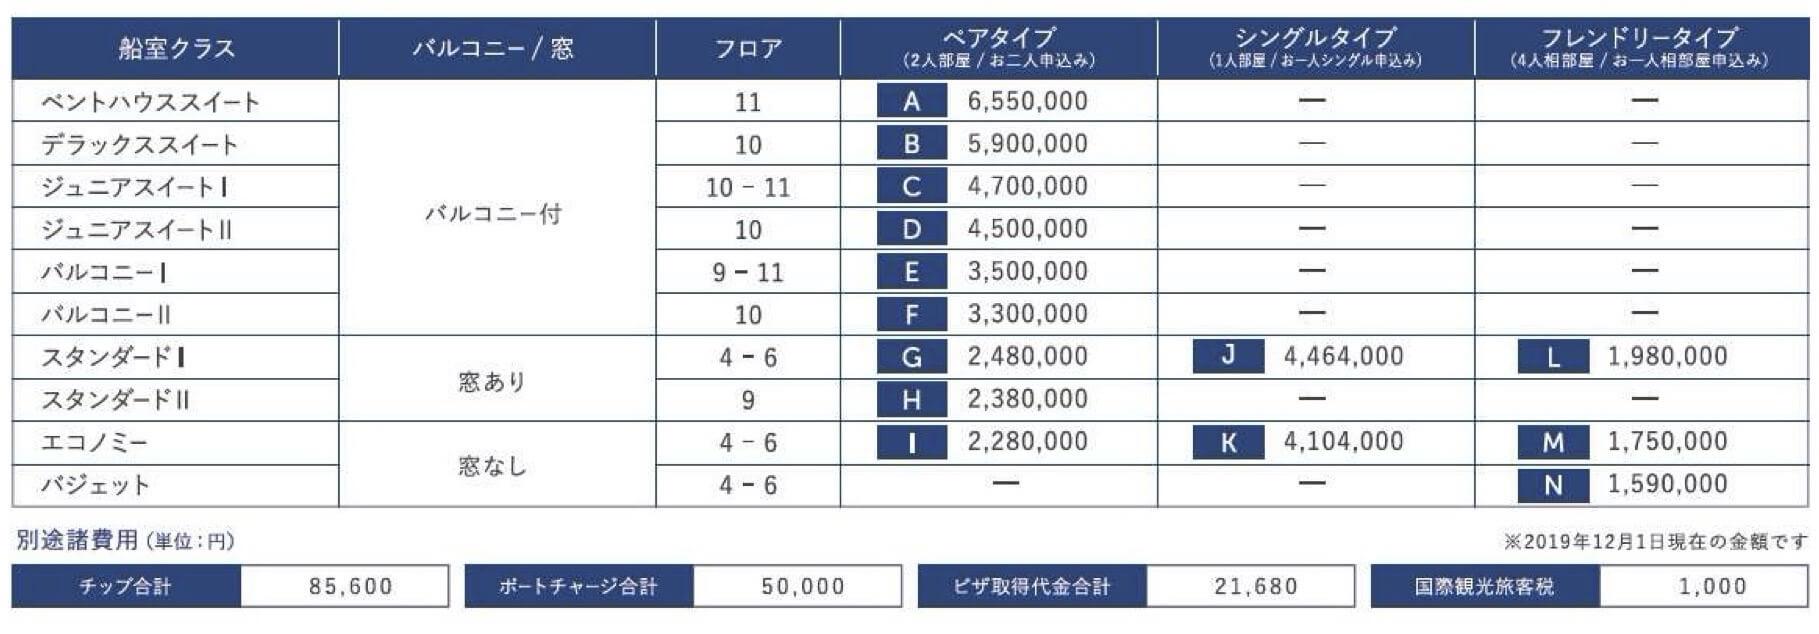 第7回ピースボートプレミアム世界一周クルーズ料金表